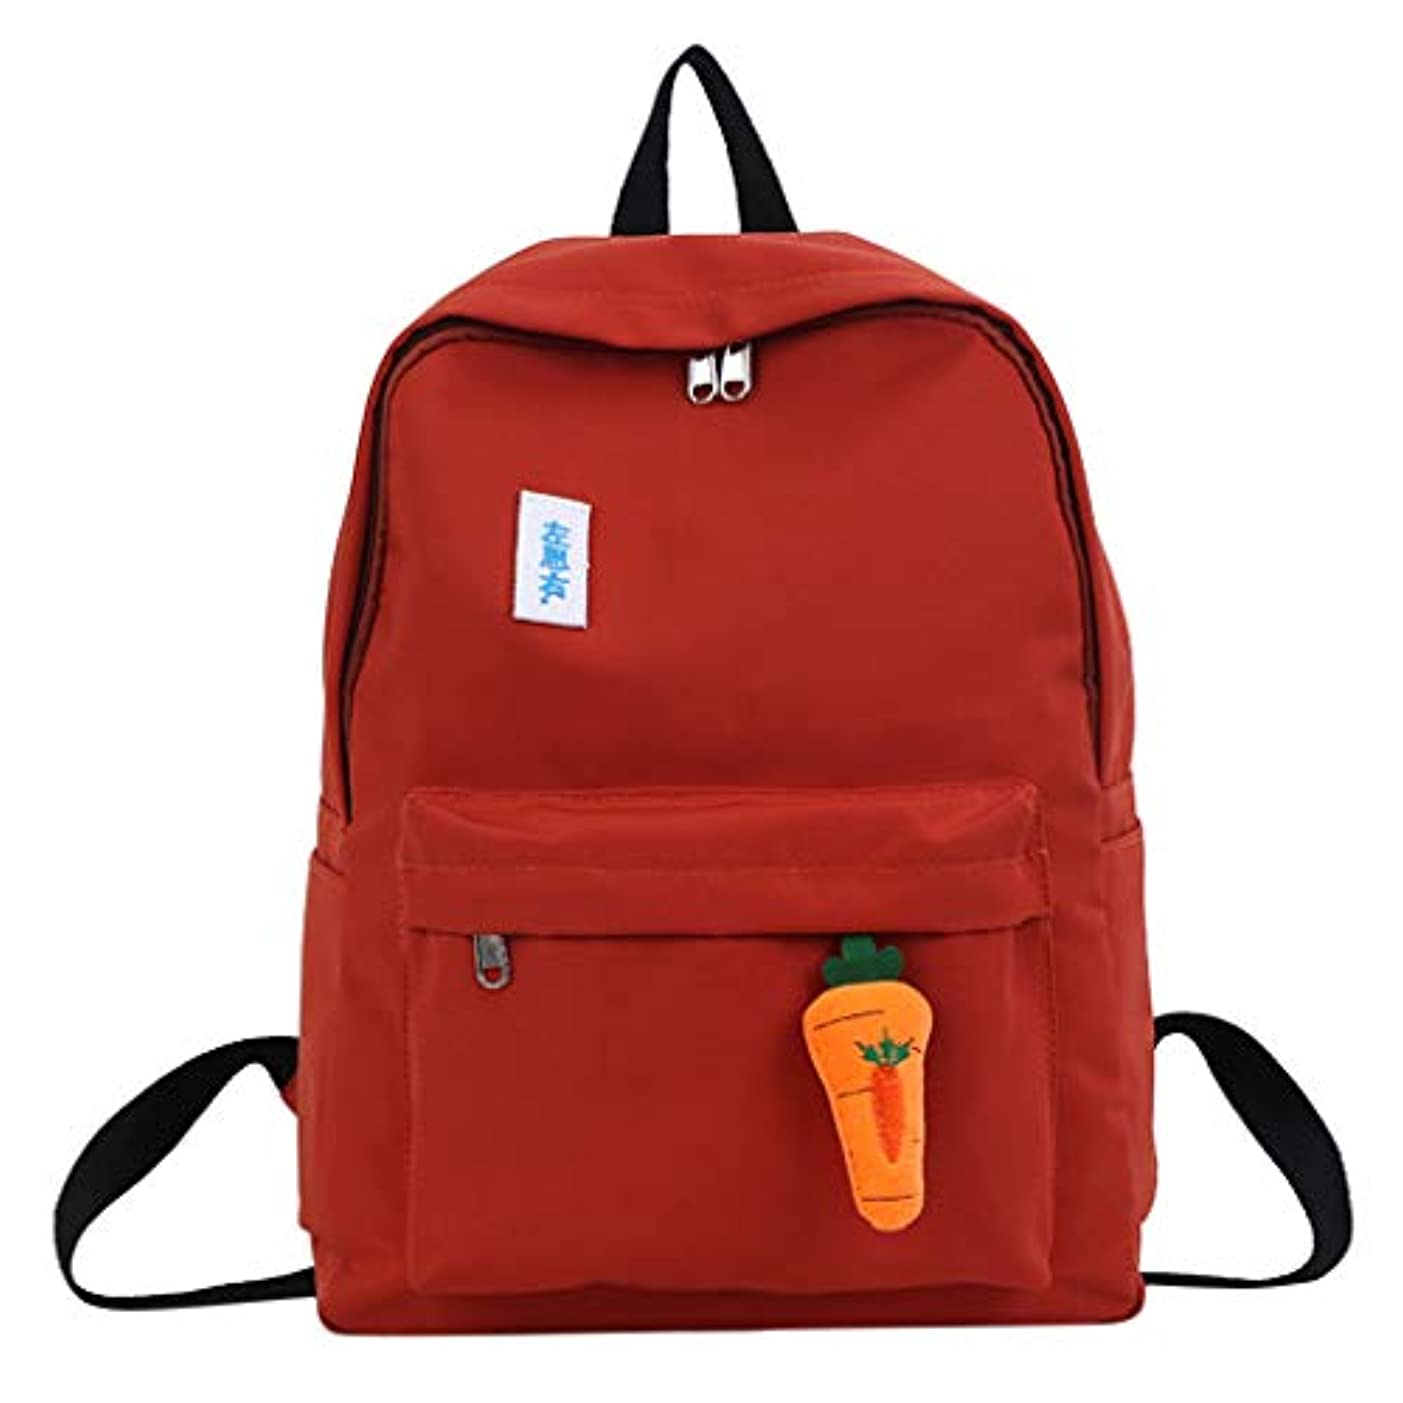 乱暴なレシピレシピ女子学生カジュアルファッションシンプルなバックパック軽量キャンバスバックパックガールズ屋外大容量かわいいヴィンテージバッグ